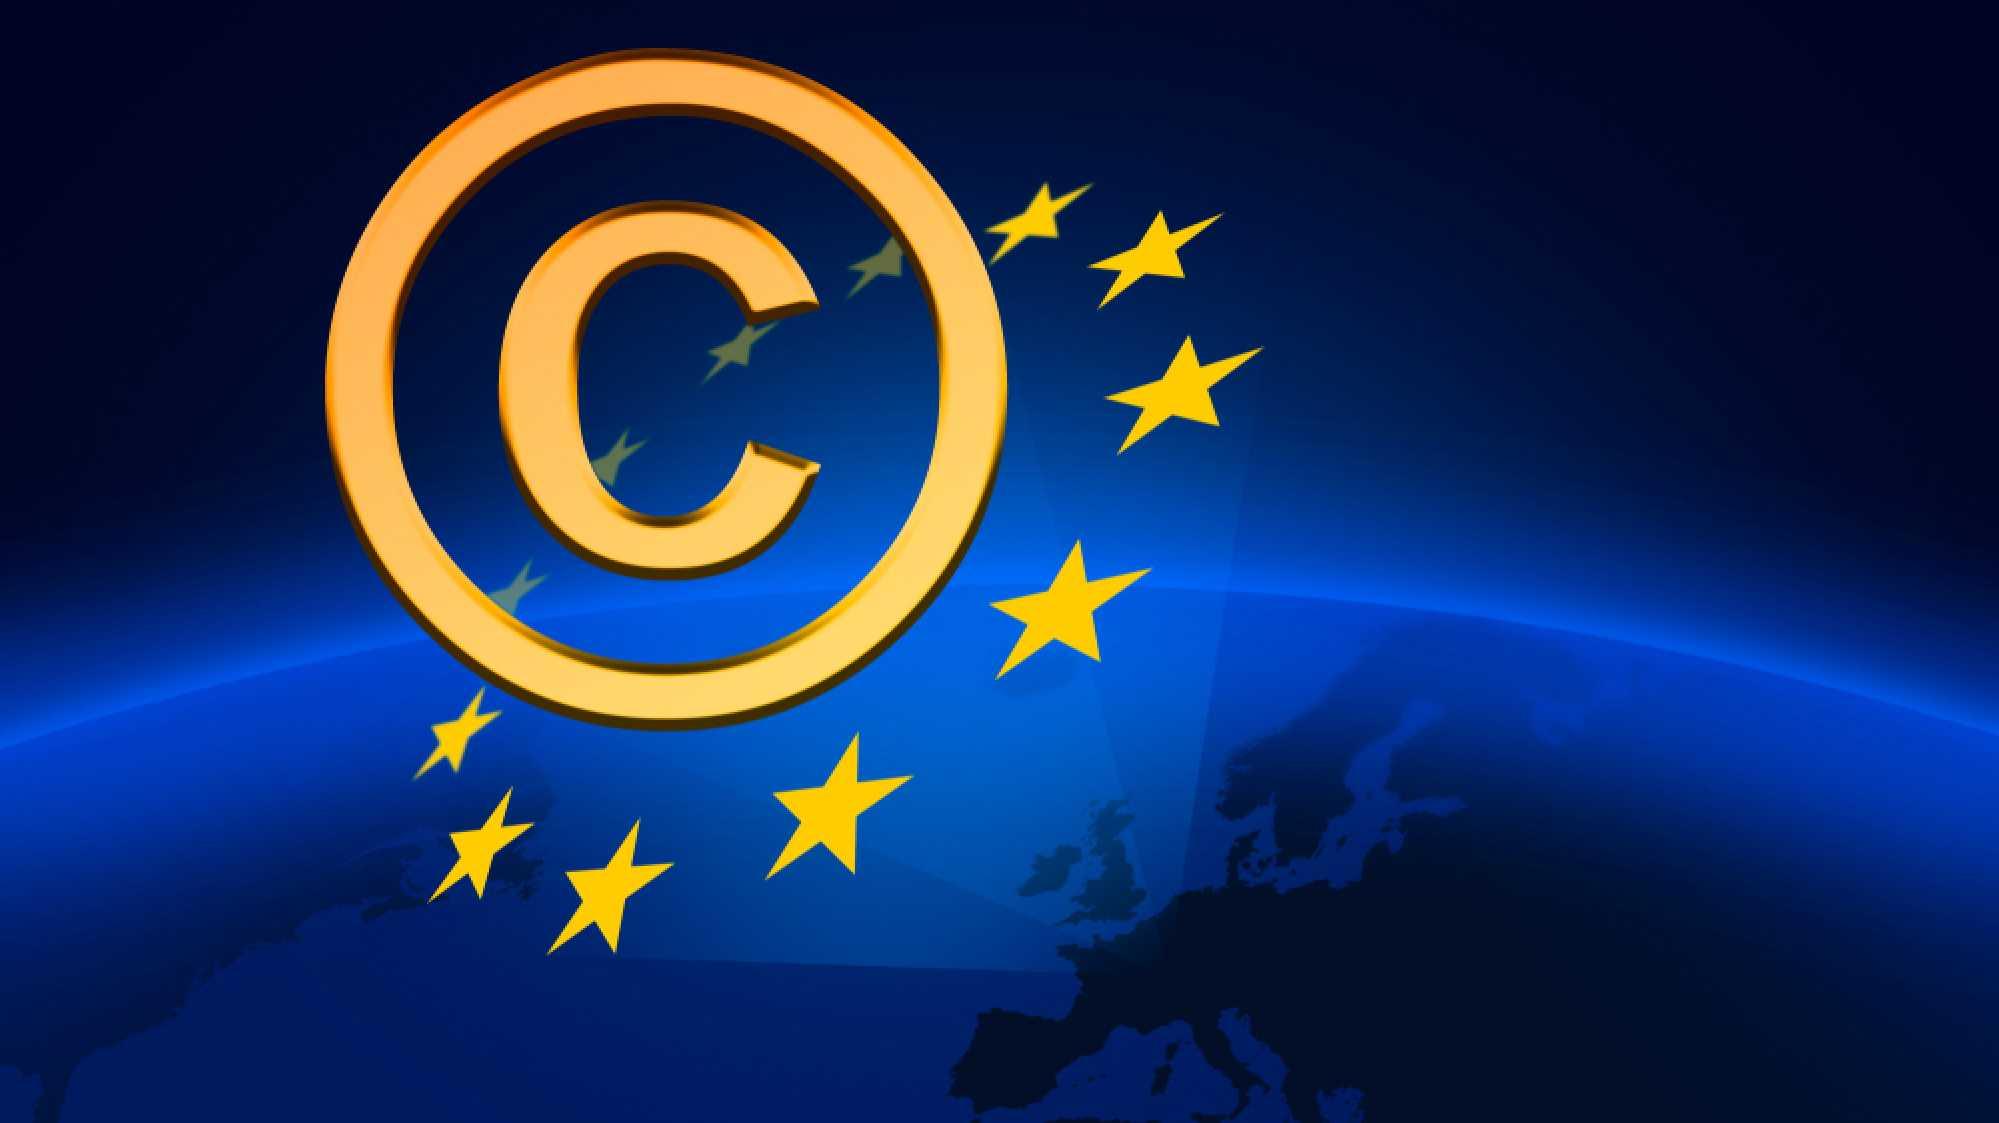 Upload-Filter und Artikel 13: EU-Rechtspolitiker befürworten Copyright-Reform